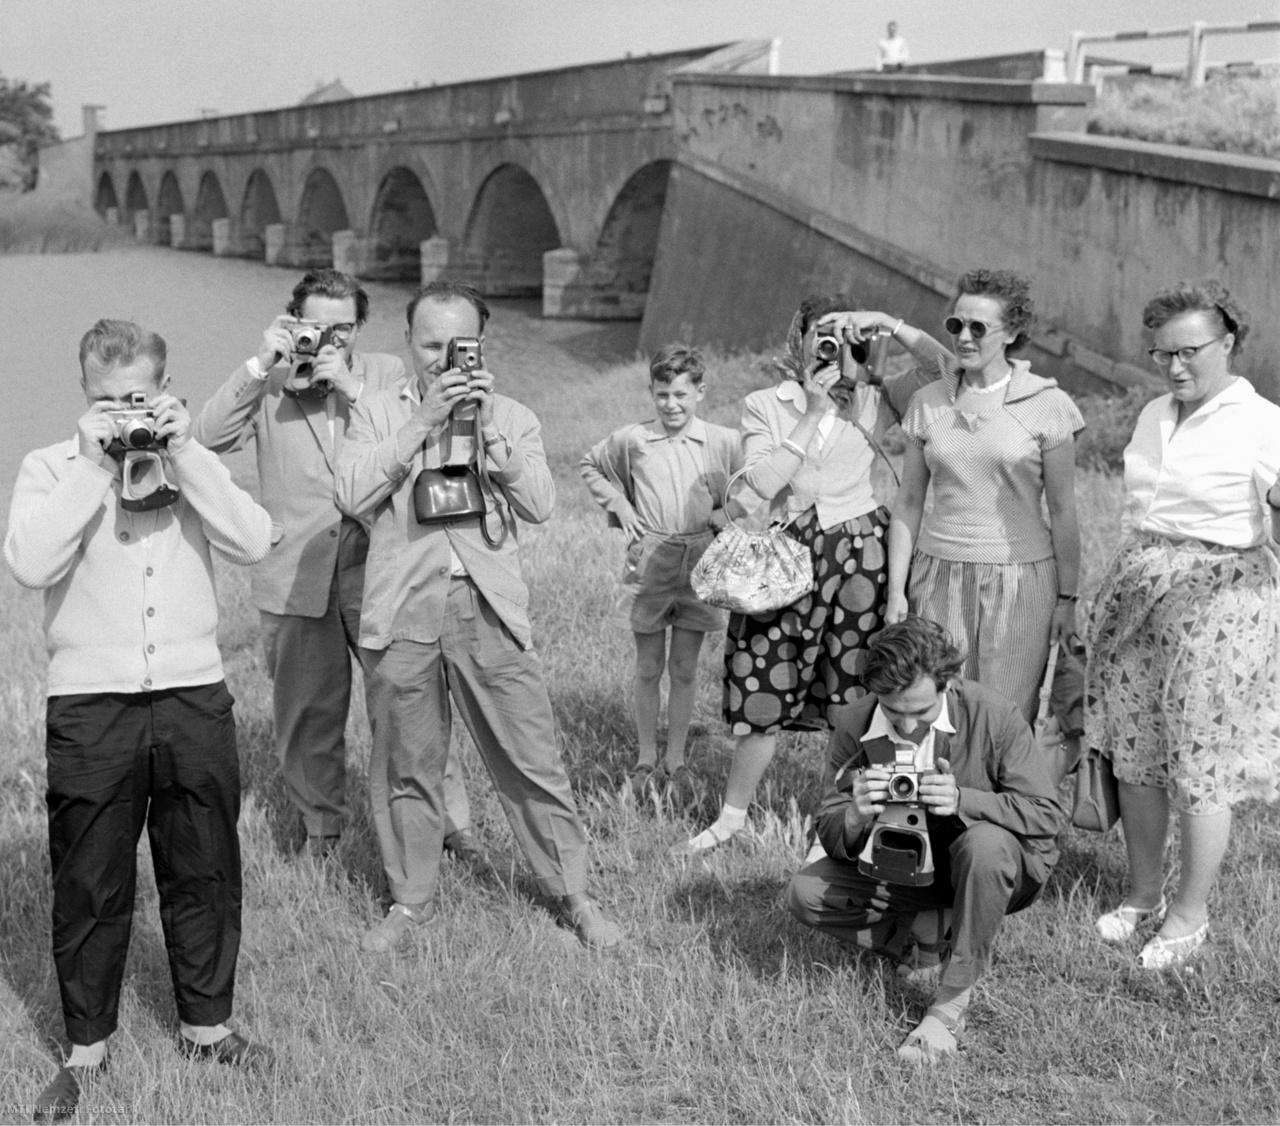 Német turisták fényképeznek a hortobágyi Kilenclyukú híd mellett 1960. június 18-án